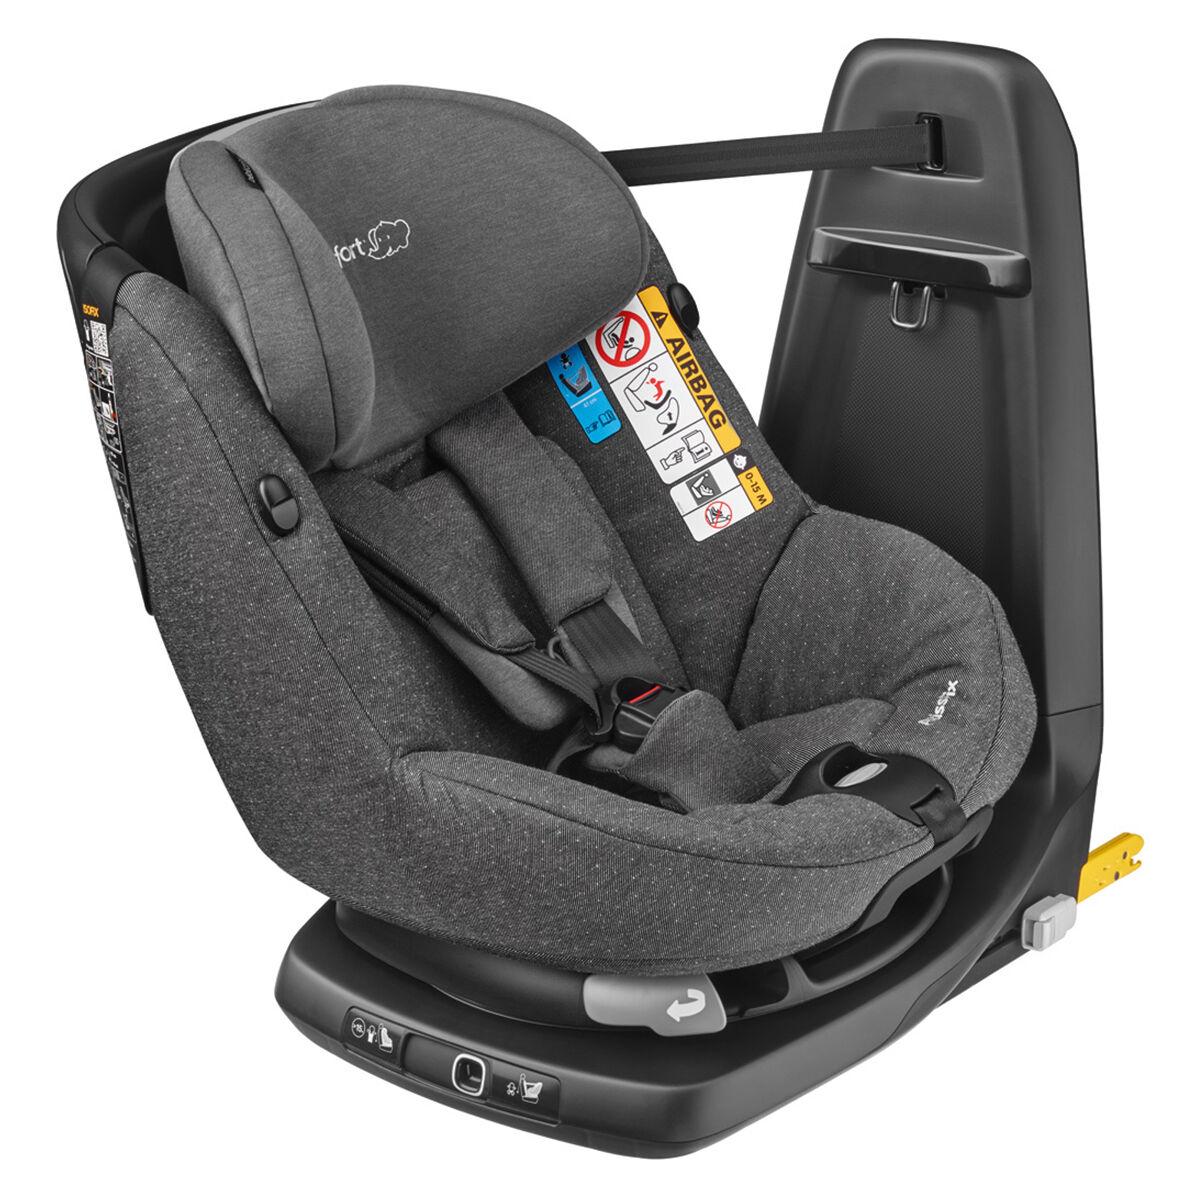 Bébé Confort Siège Auto AxissFix i-Size Groupe 0+/1 - Sparkling Grey